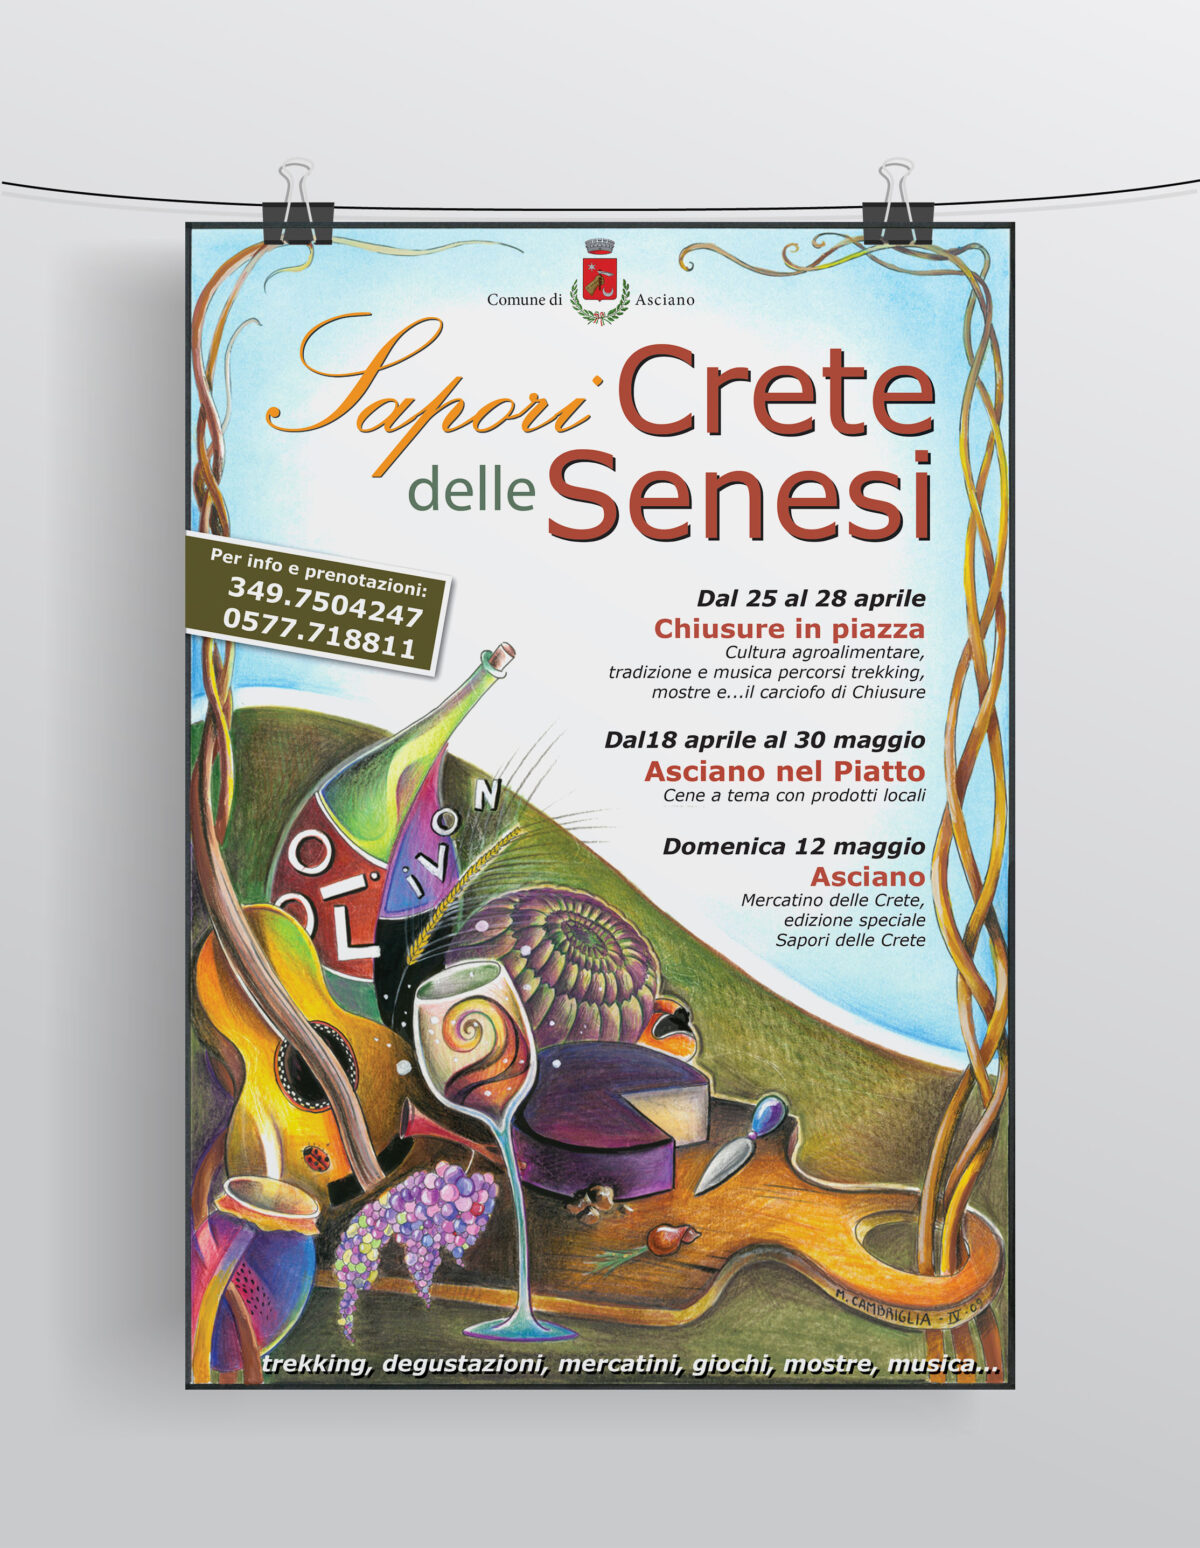 Sapori delle Crete Senesi - Locandina 2010